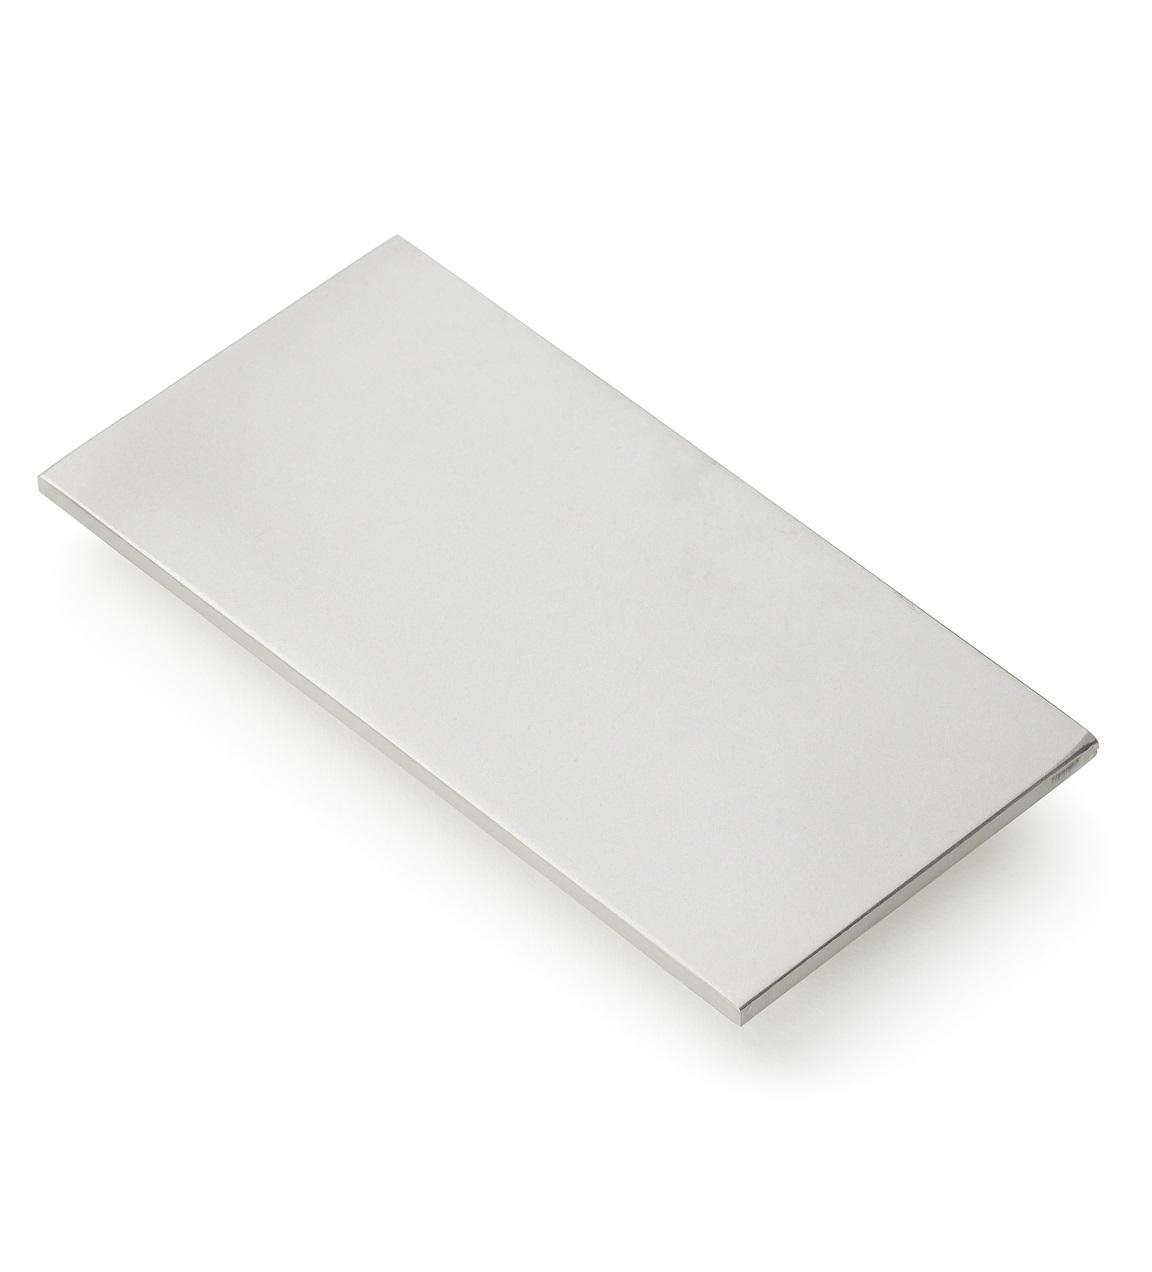 Rozsdamentes acél teszt blokk